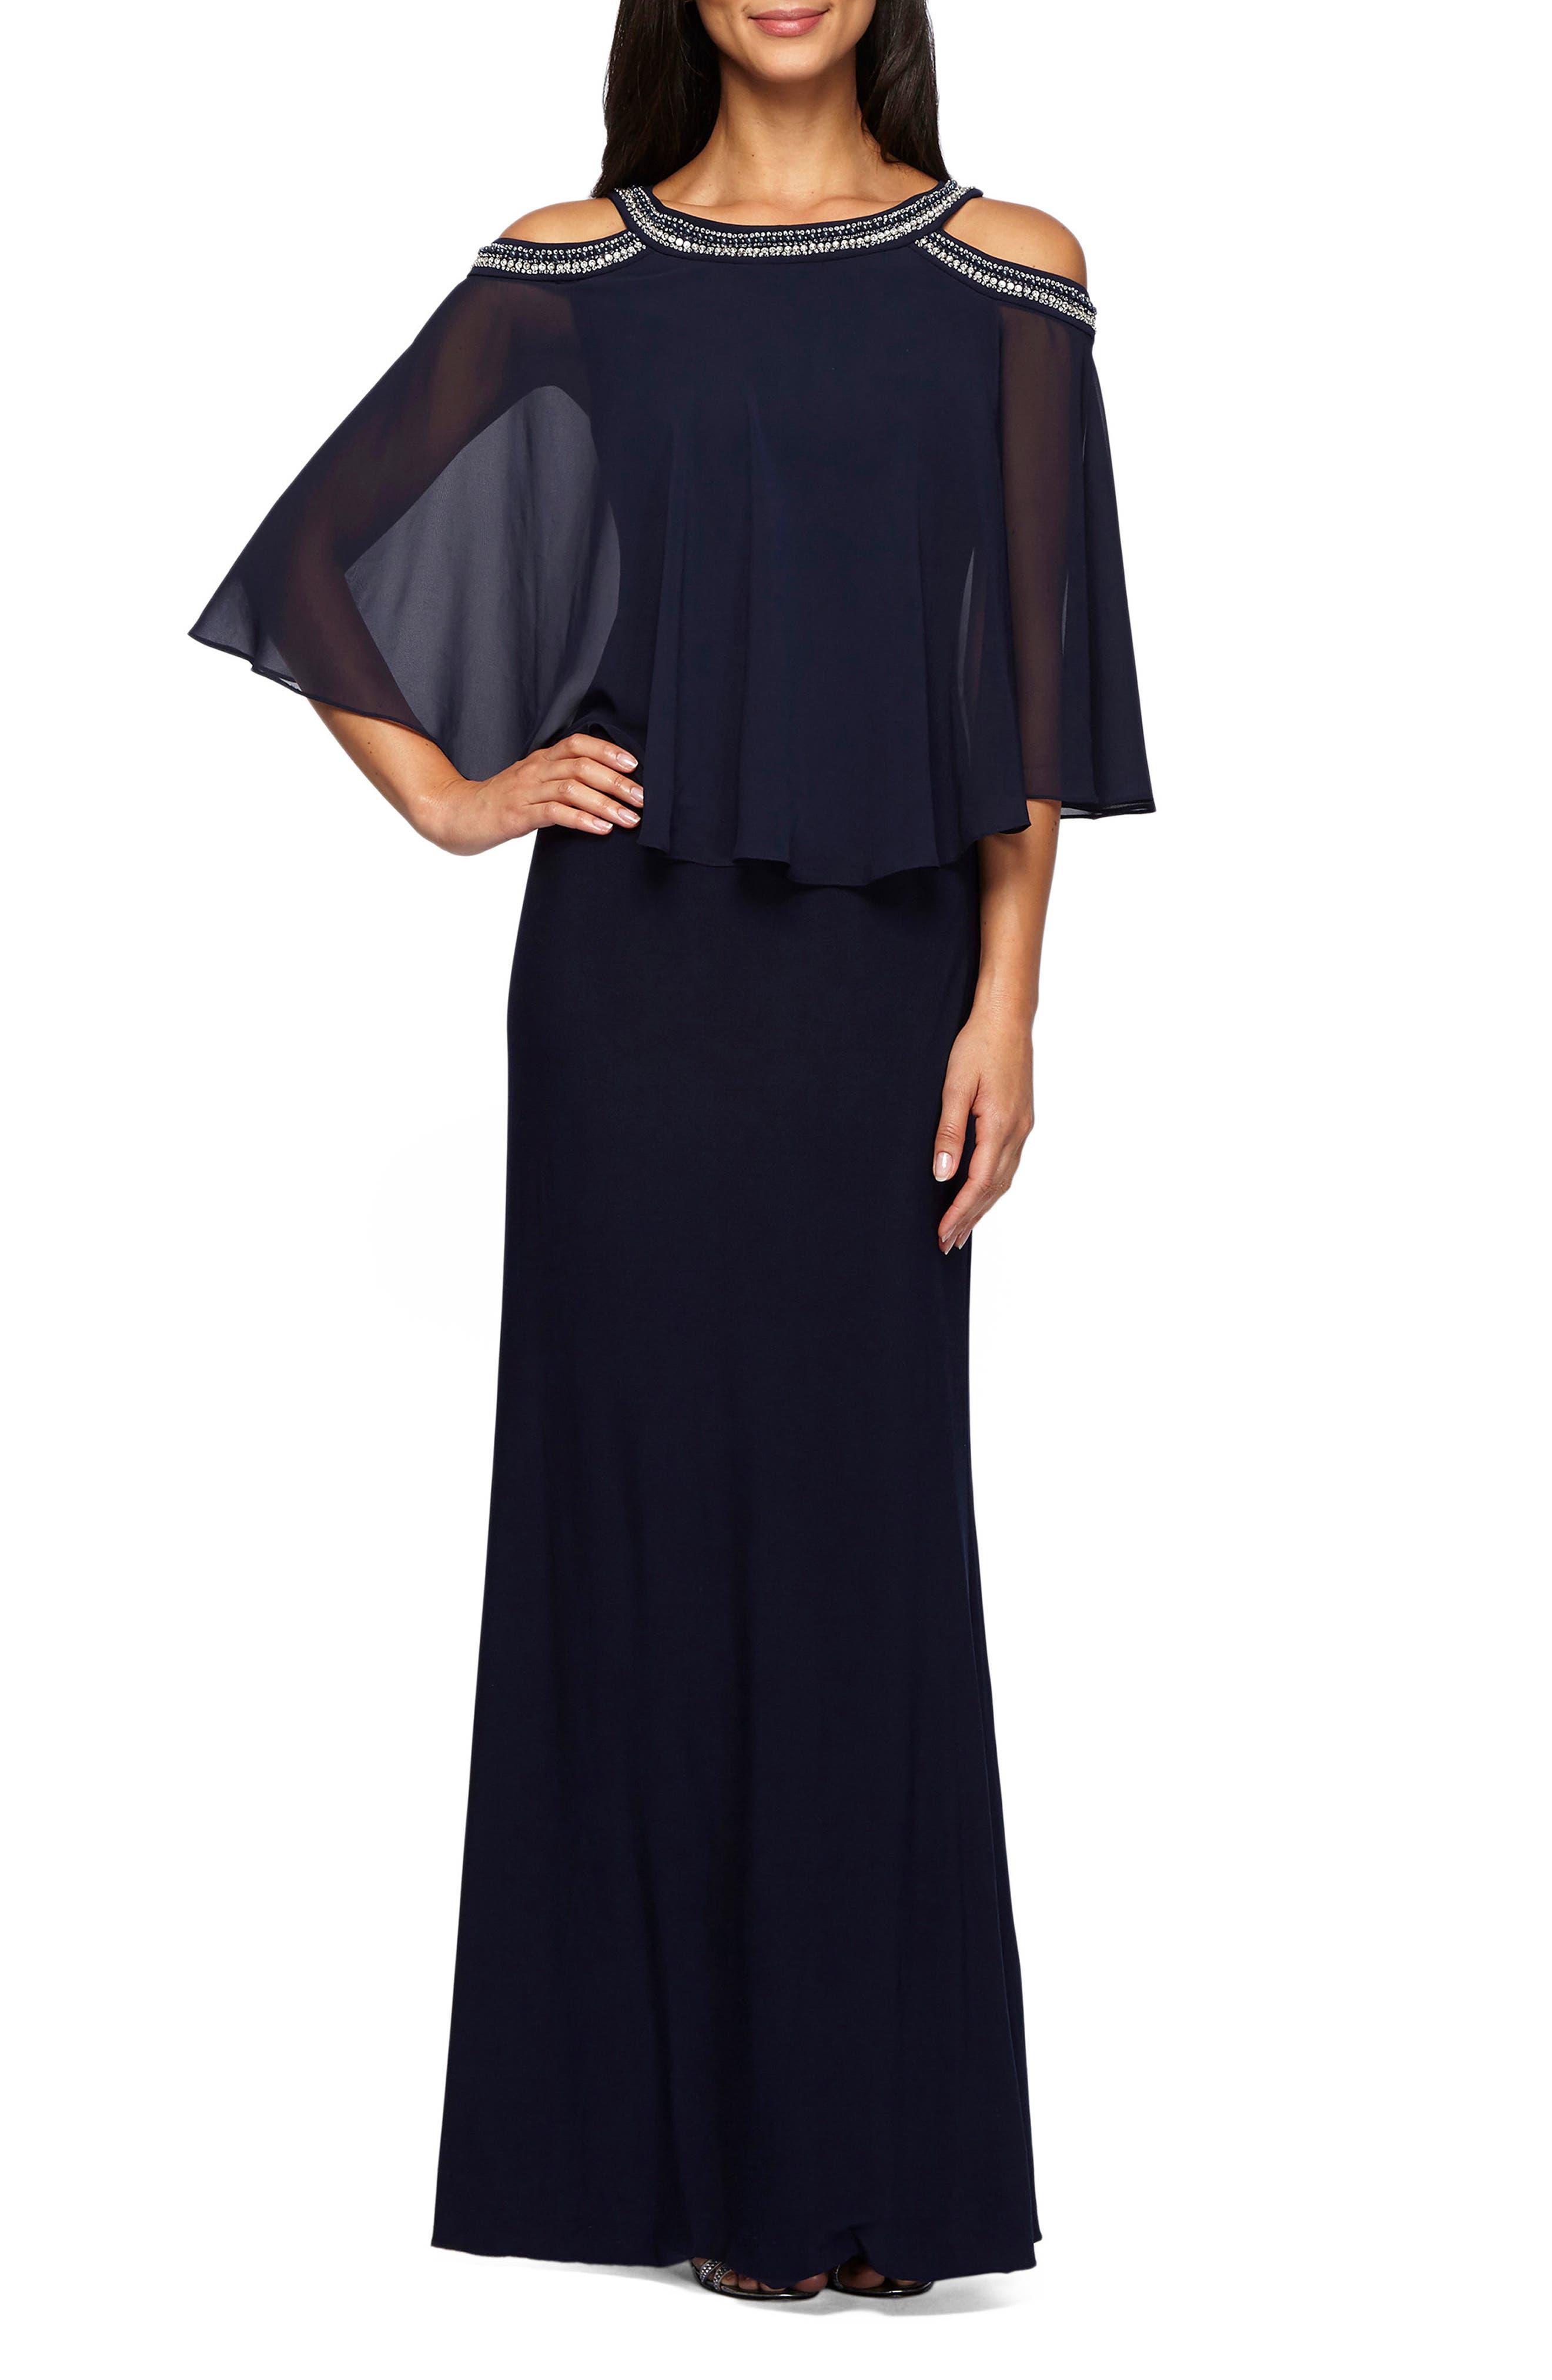 70s Prom, Formal, Evening, Party Dresses Womens Alex Evenings Cold Shoulder Popover Dress Size 16 - Blue $209.00 AT vintagedancer.com